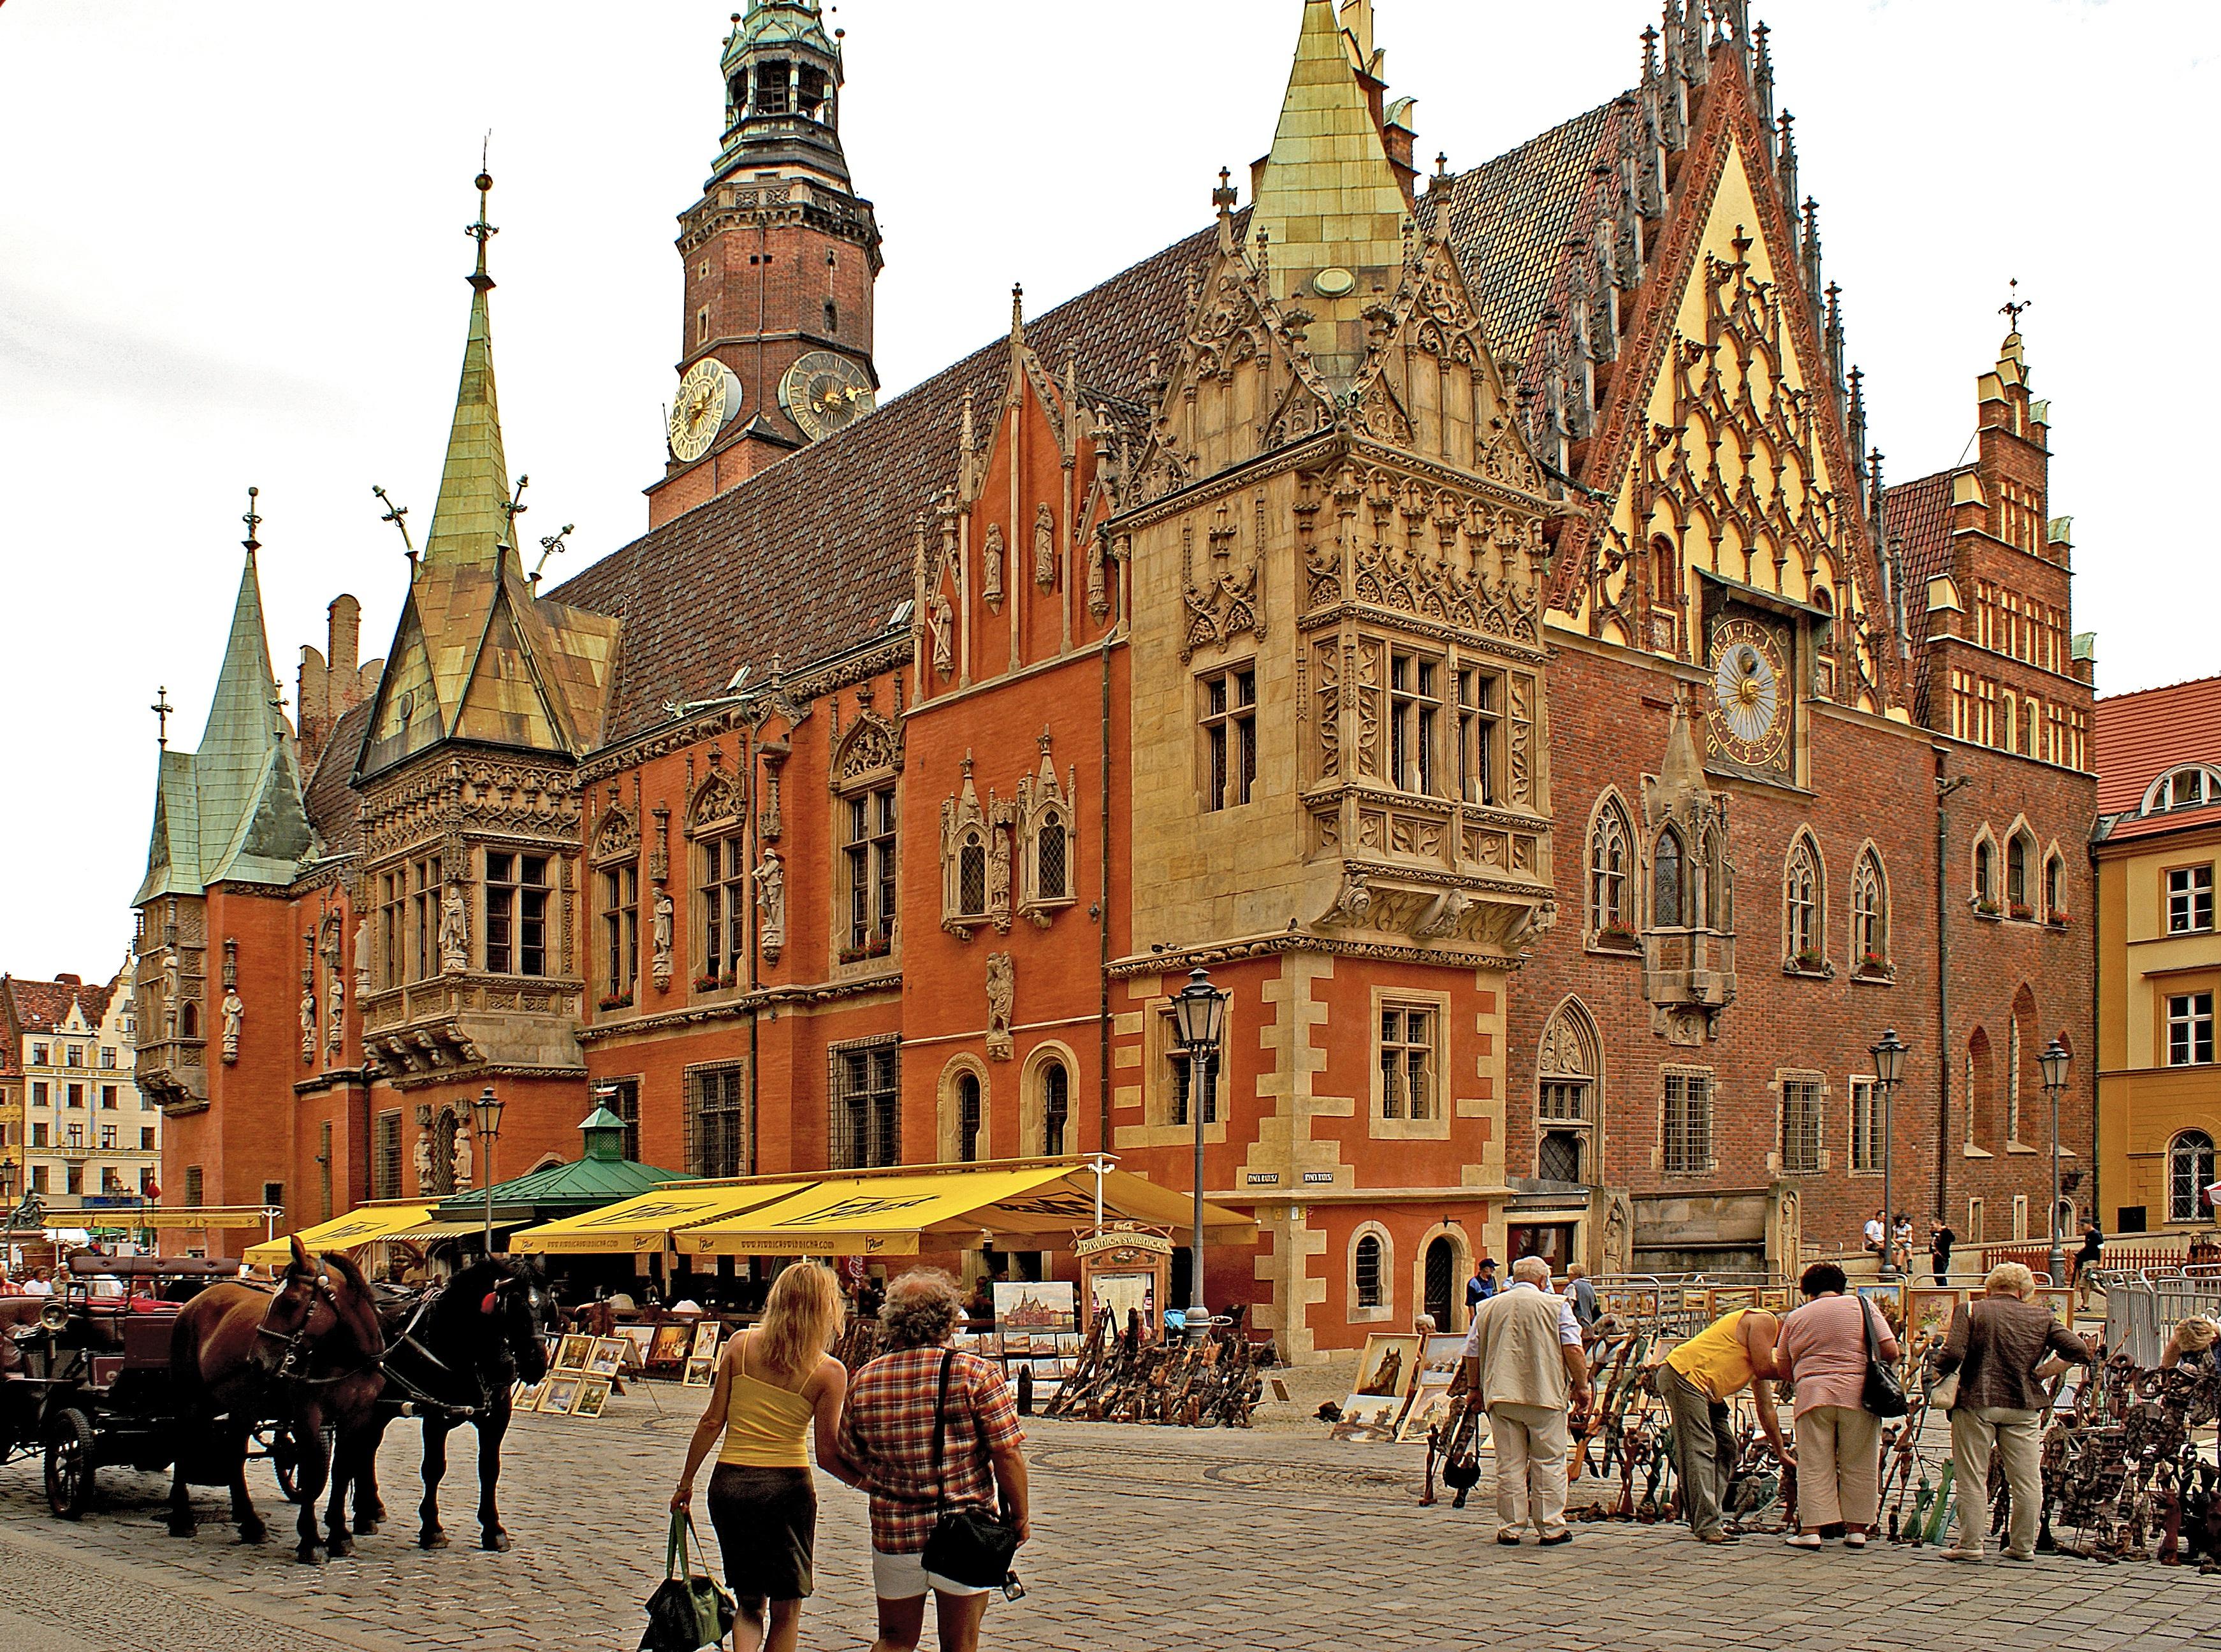 Kostenlose foto : die Architektur, Menschen, Antiquität, Fenster ...